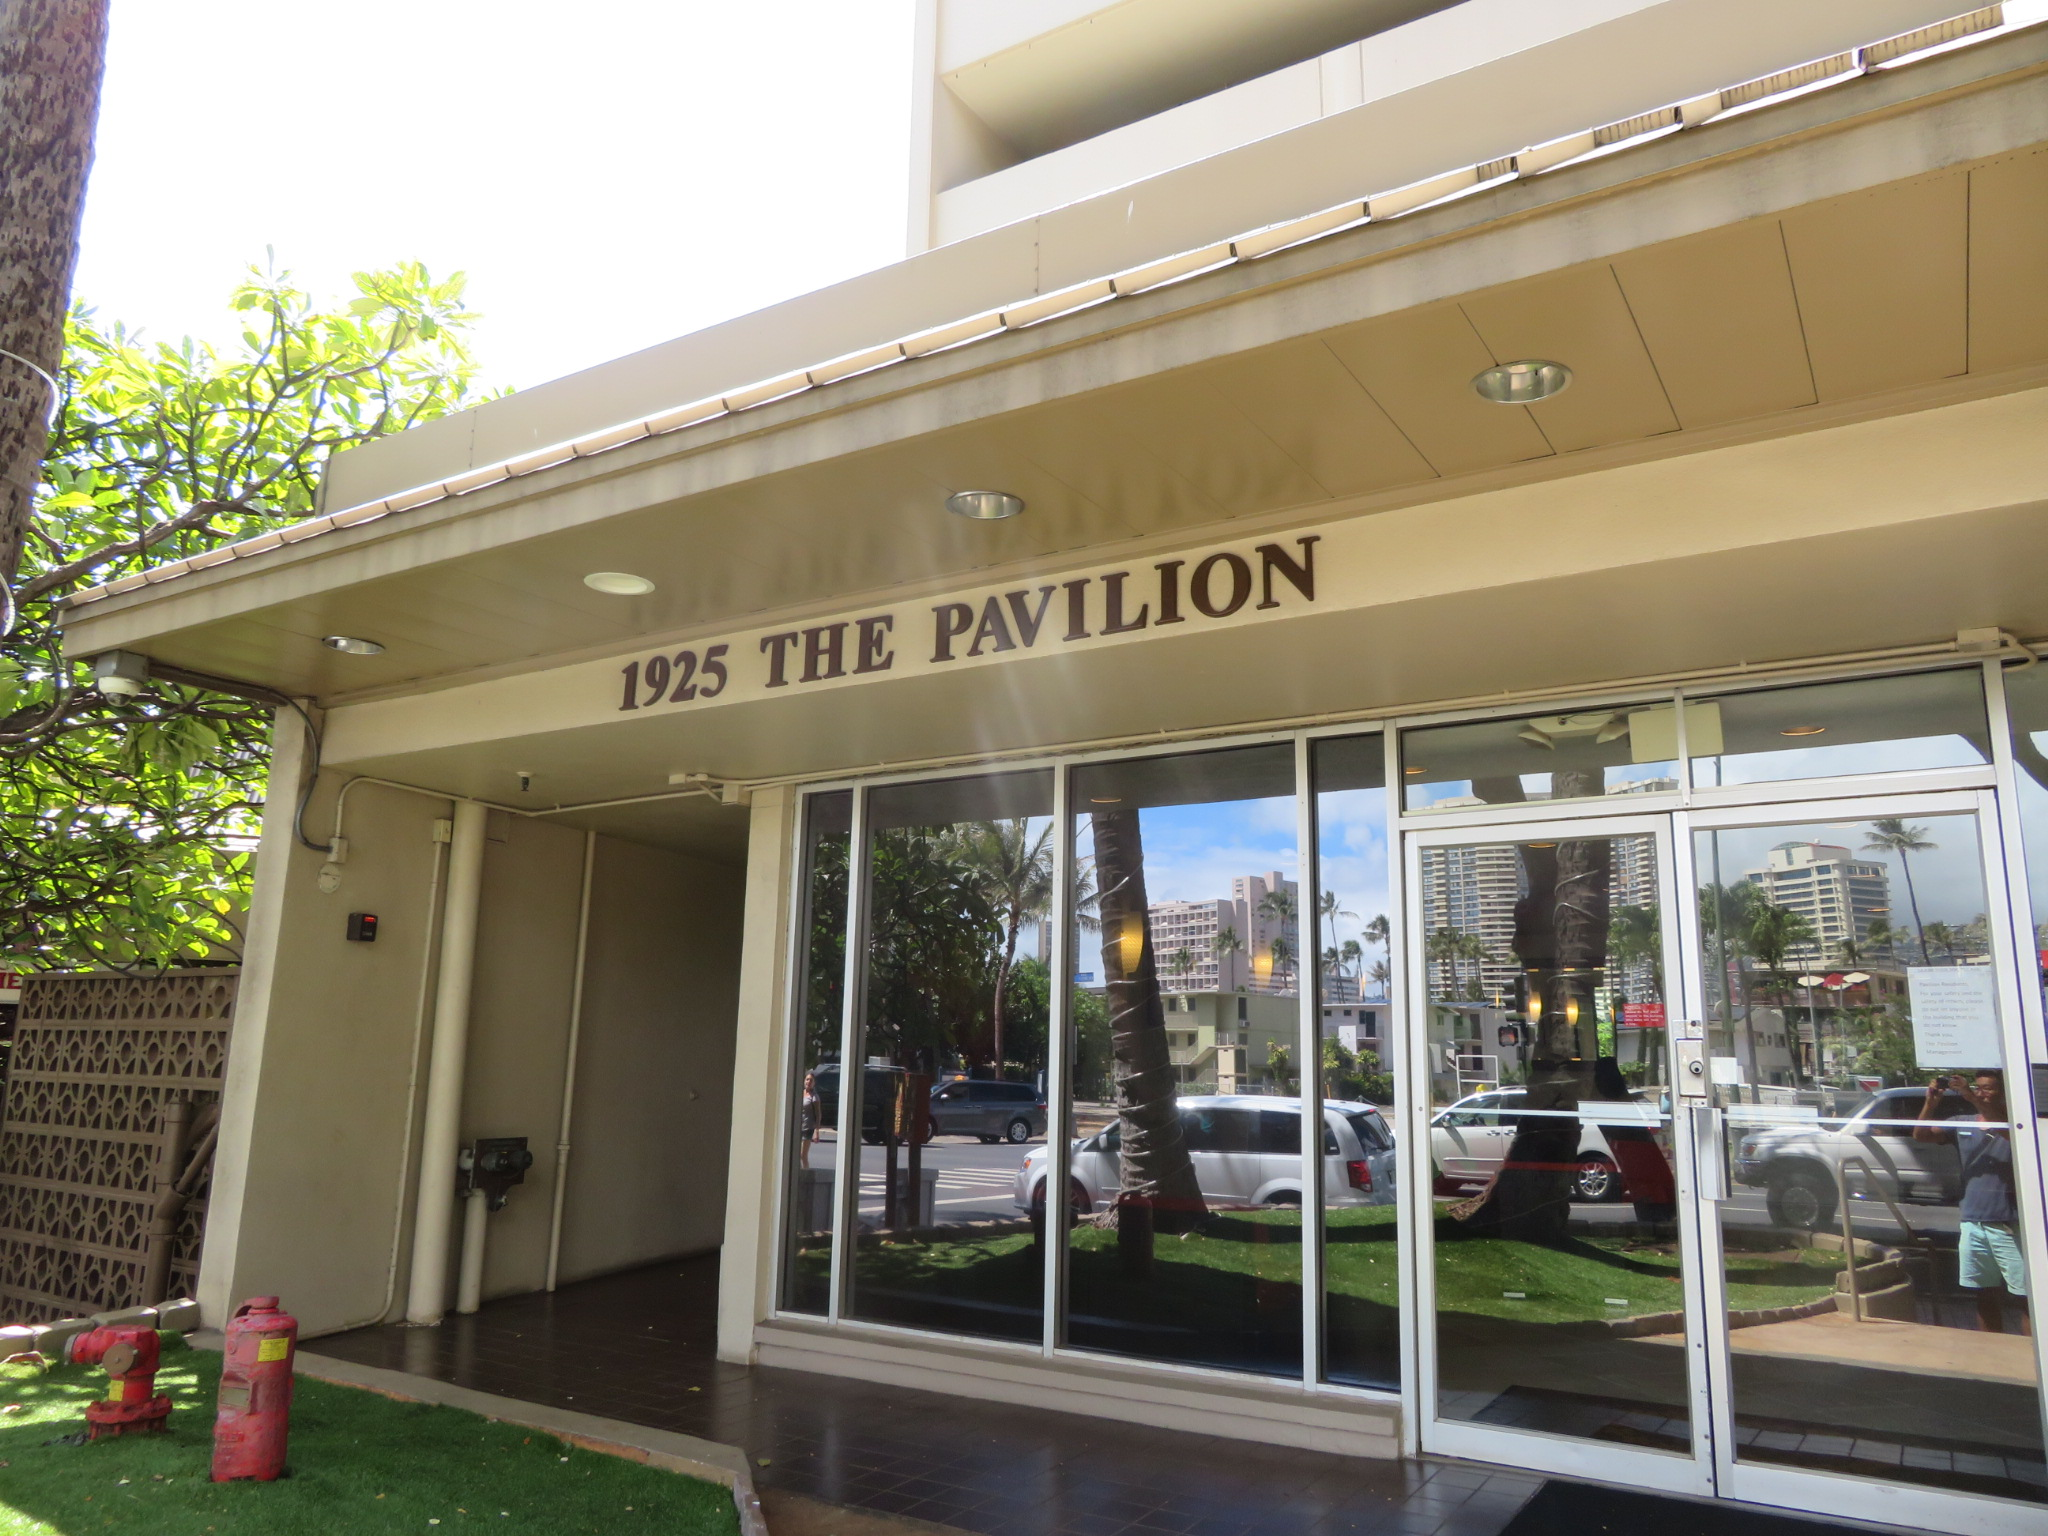 パビリオン・アット・ワイキキ / Pavilion At Waikiki